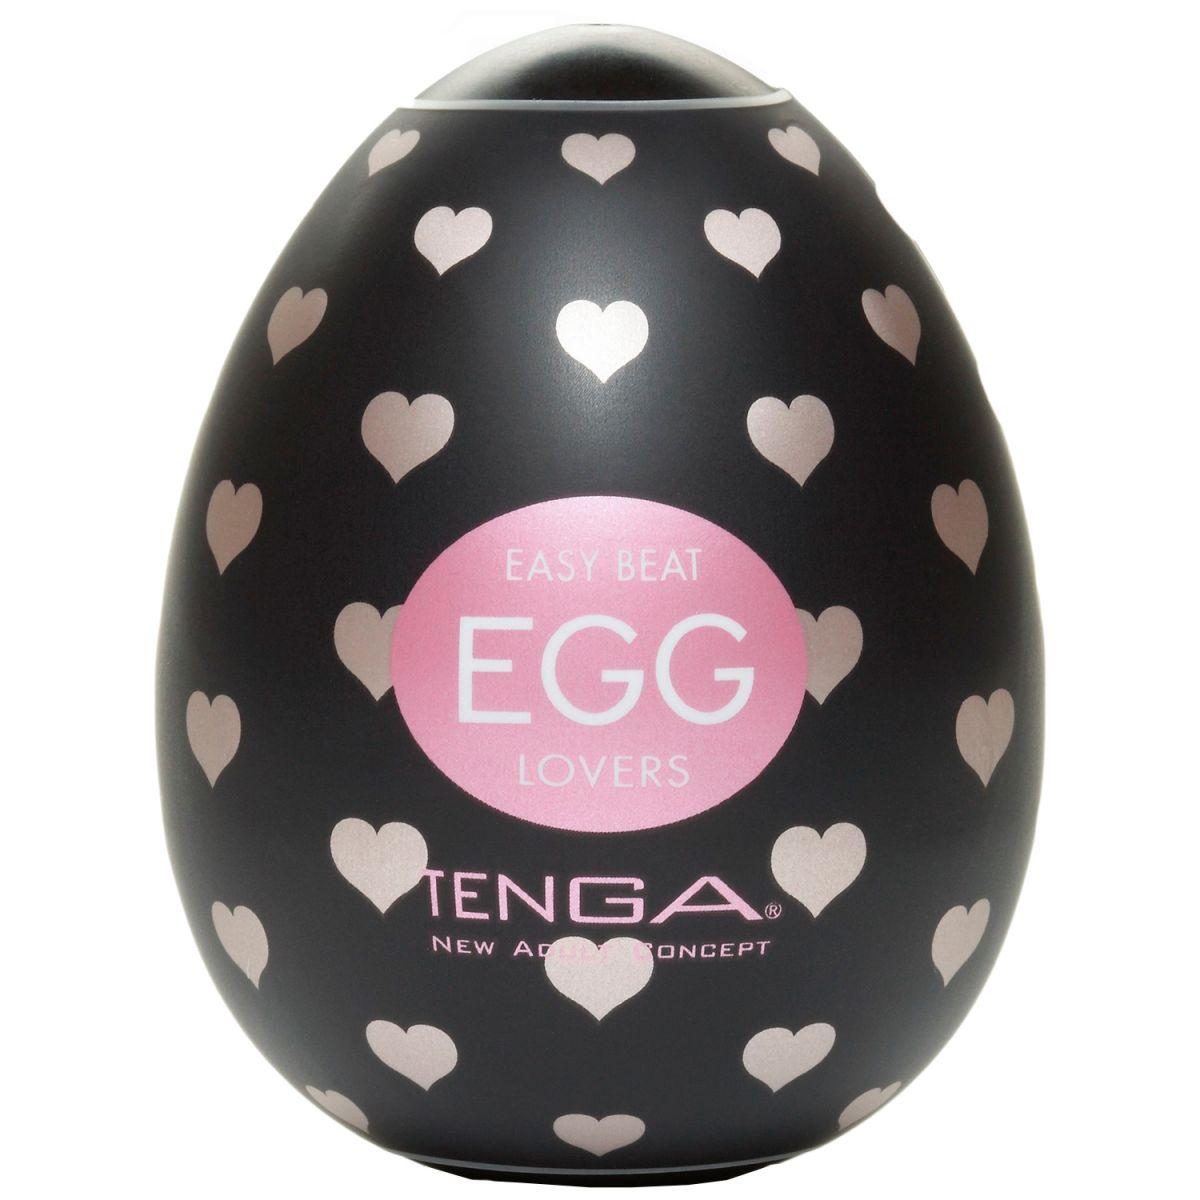 TENGA Egg Easy Beat Håndjobb for Menn  1